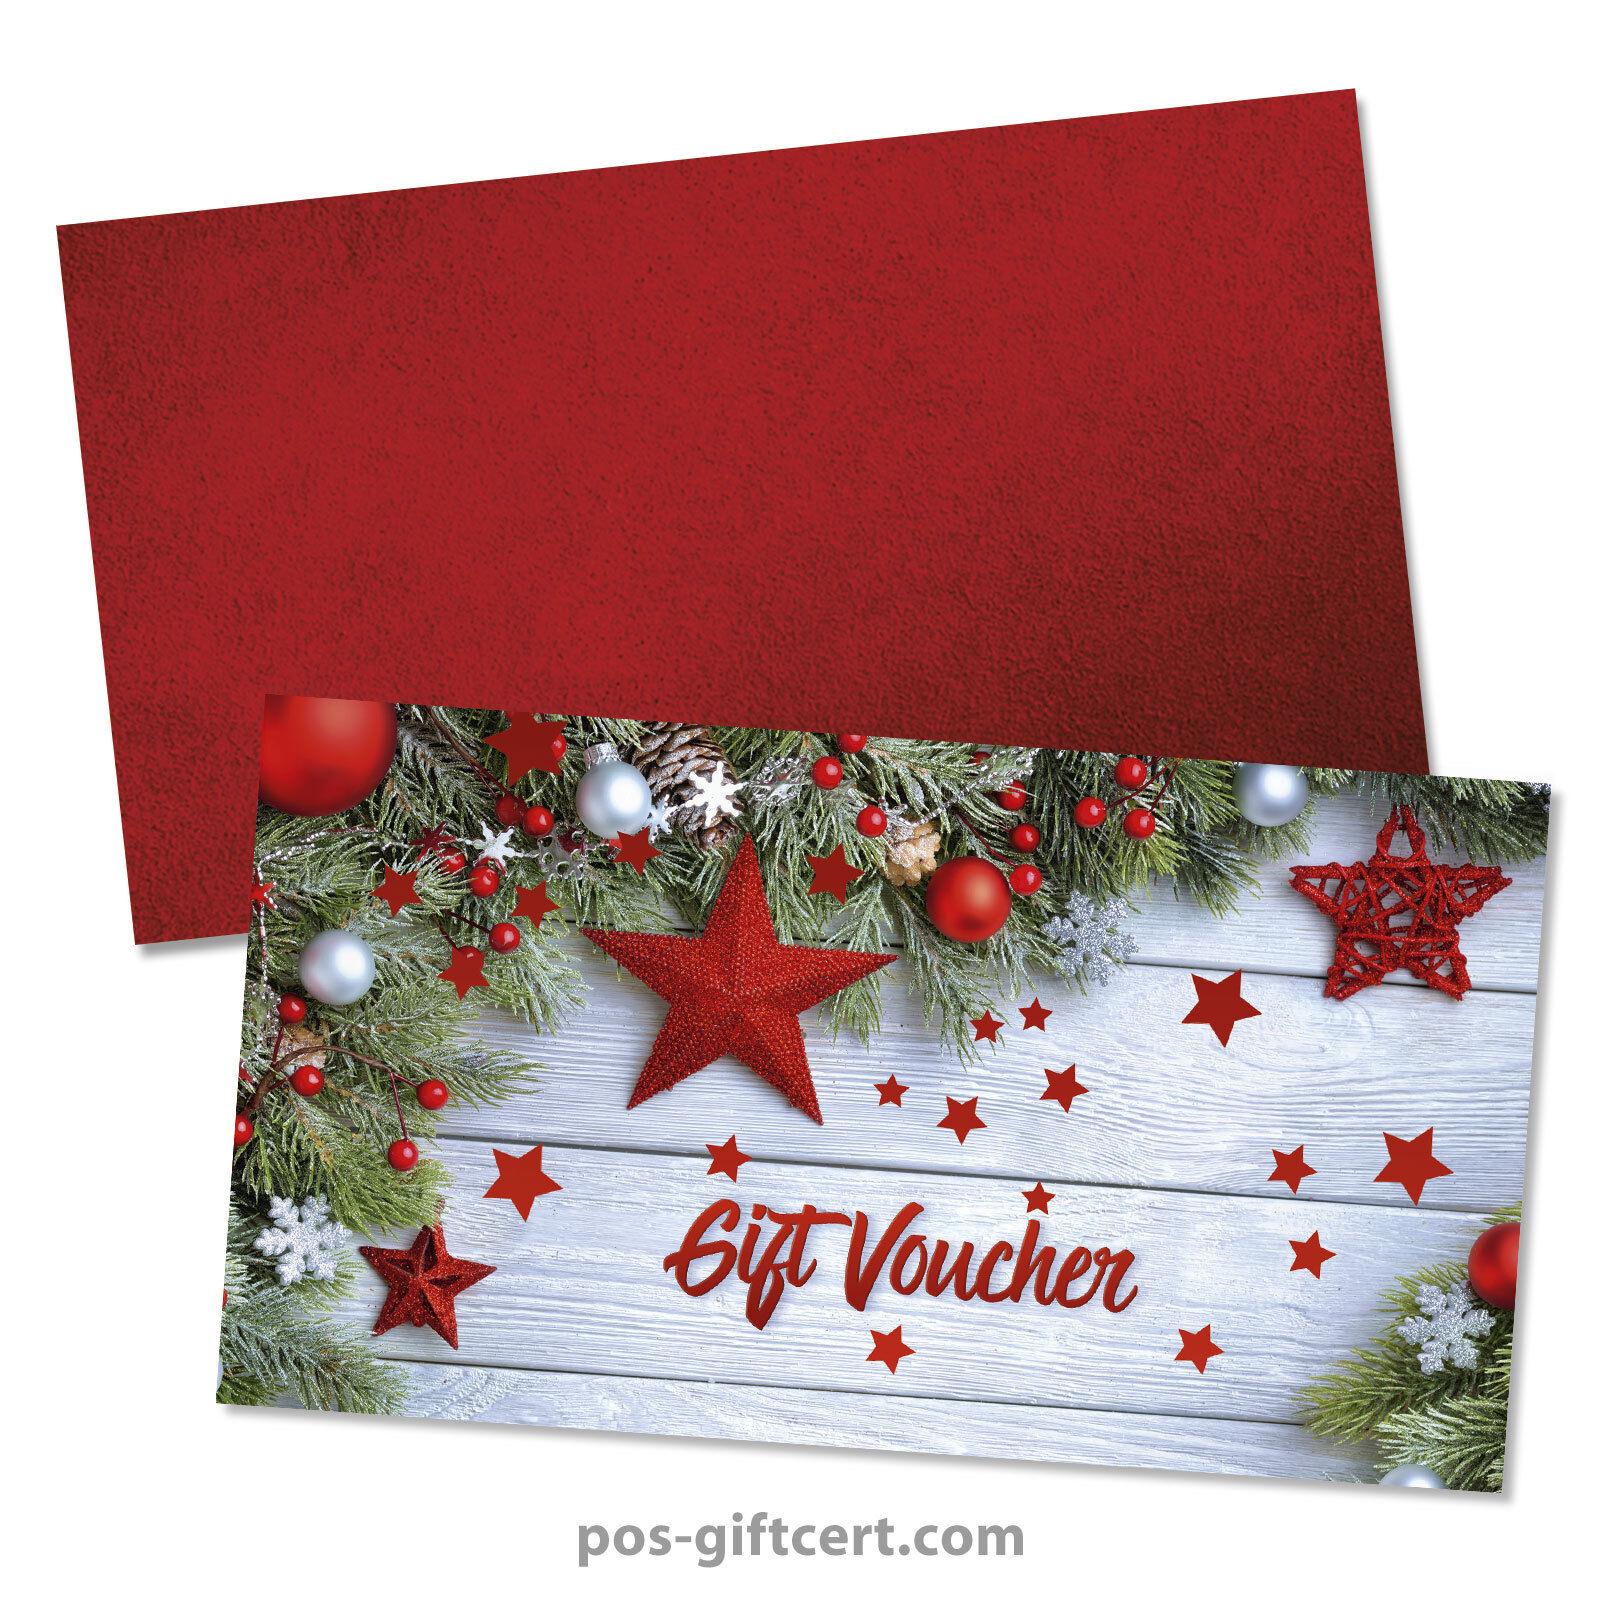 Gift vouchers  envelopes for christmas X1291GB  | Qualitativ Hochwertiges Produkt  | Ausreichende Versorgung